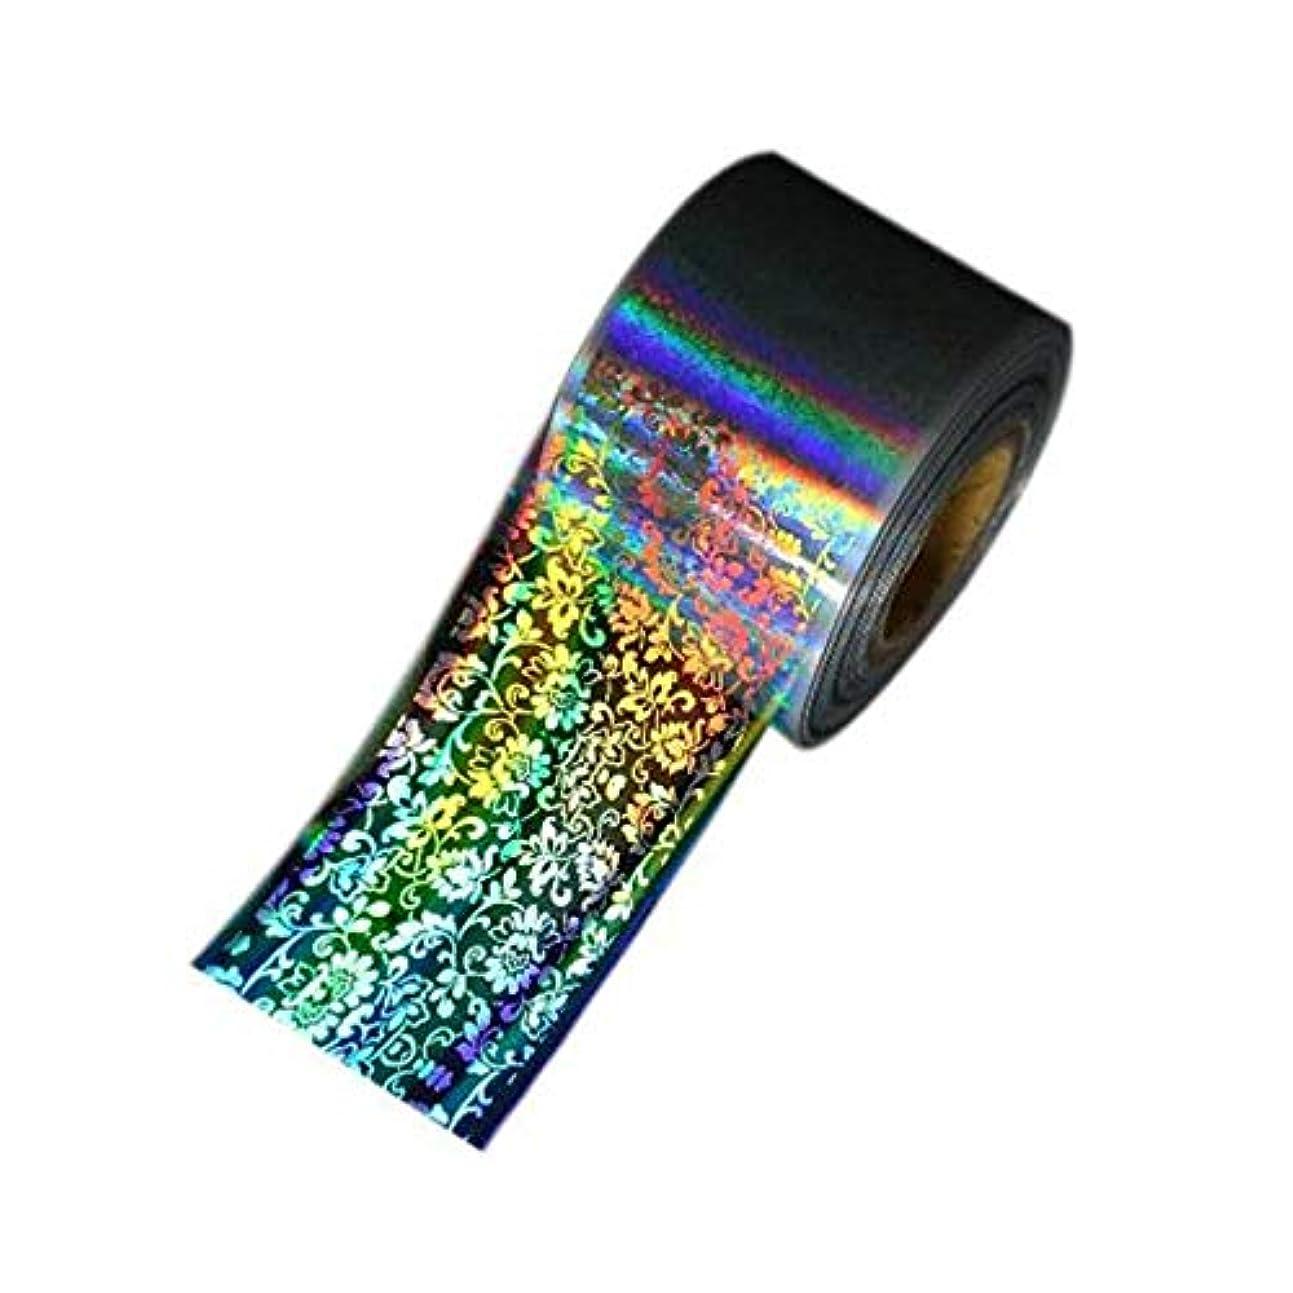 栄養省略サーバSUKTI&XIAO ネイルステッカー 1ロール4Cm * 1Mネイルホイルレーザーホログラフィックブラックフラワーネイルフィルムフルカバーネイルステッカートランスファーフォイルデカールネイル、グレー